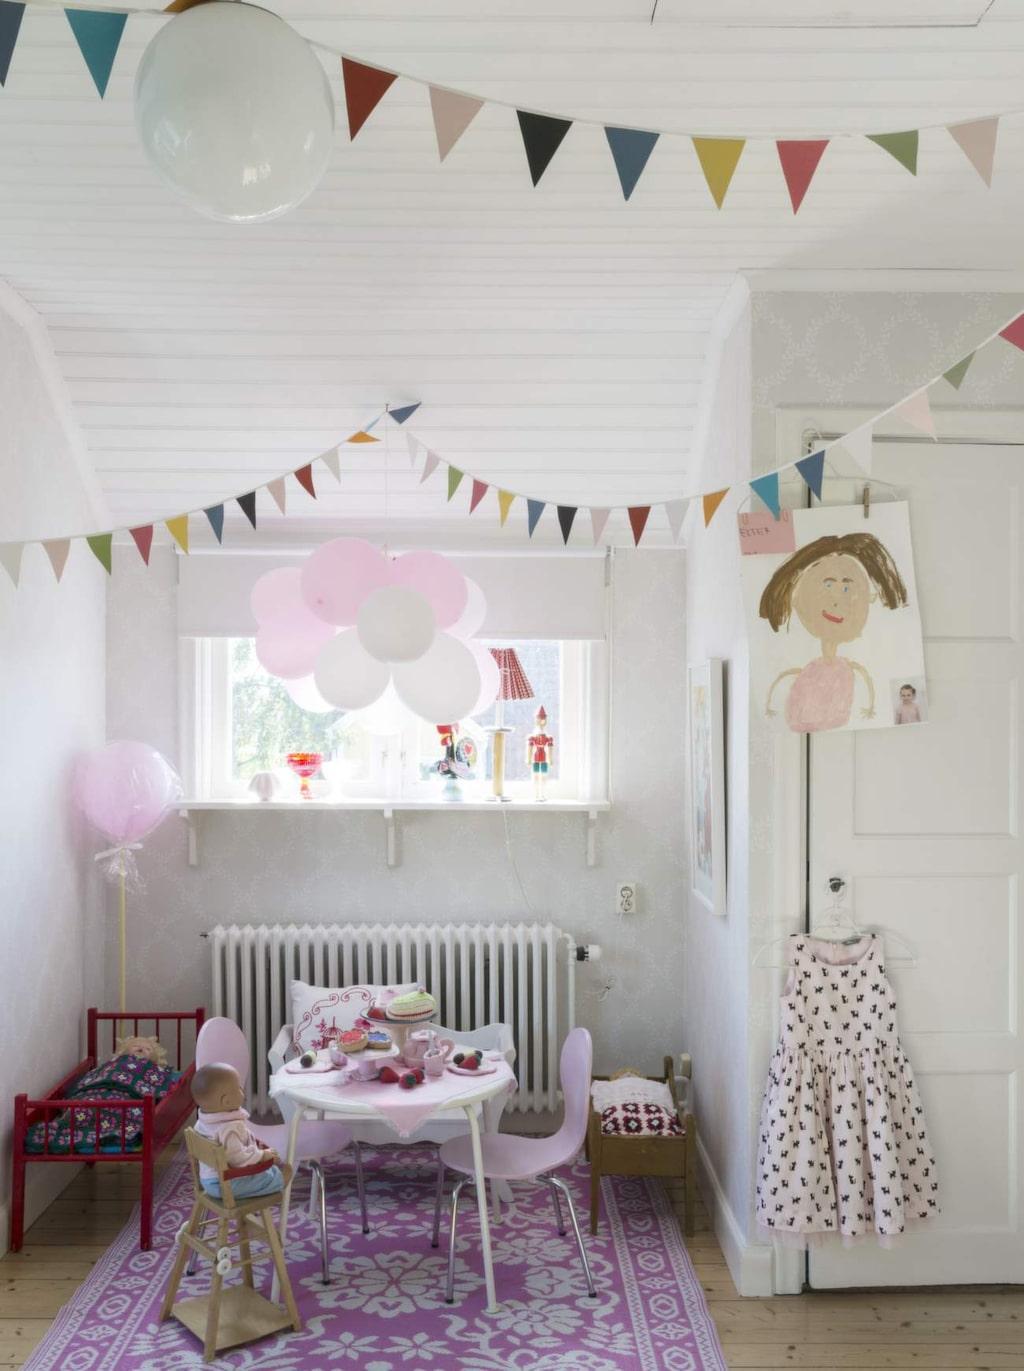 Esters rum med matta från Rusta, bord från Ikea, små stolar från Duka home, dockans stol från Åsas barndom. Docksängar gamla. Den röda hade Åsa och lekte med som liten, den bruna är en gåva. Vimplar från Lagerhaus.